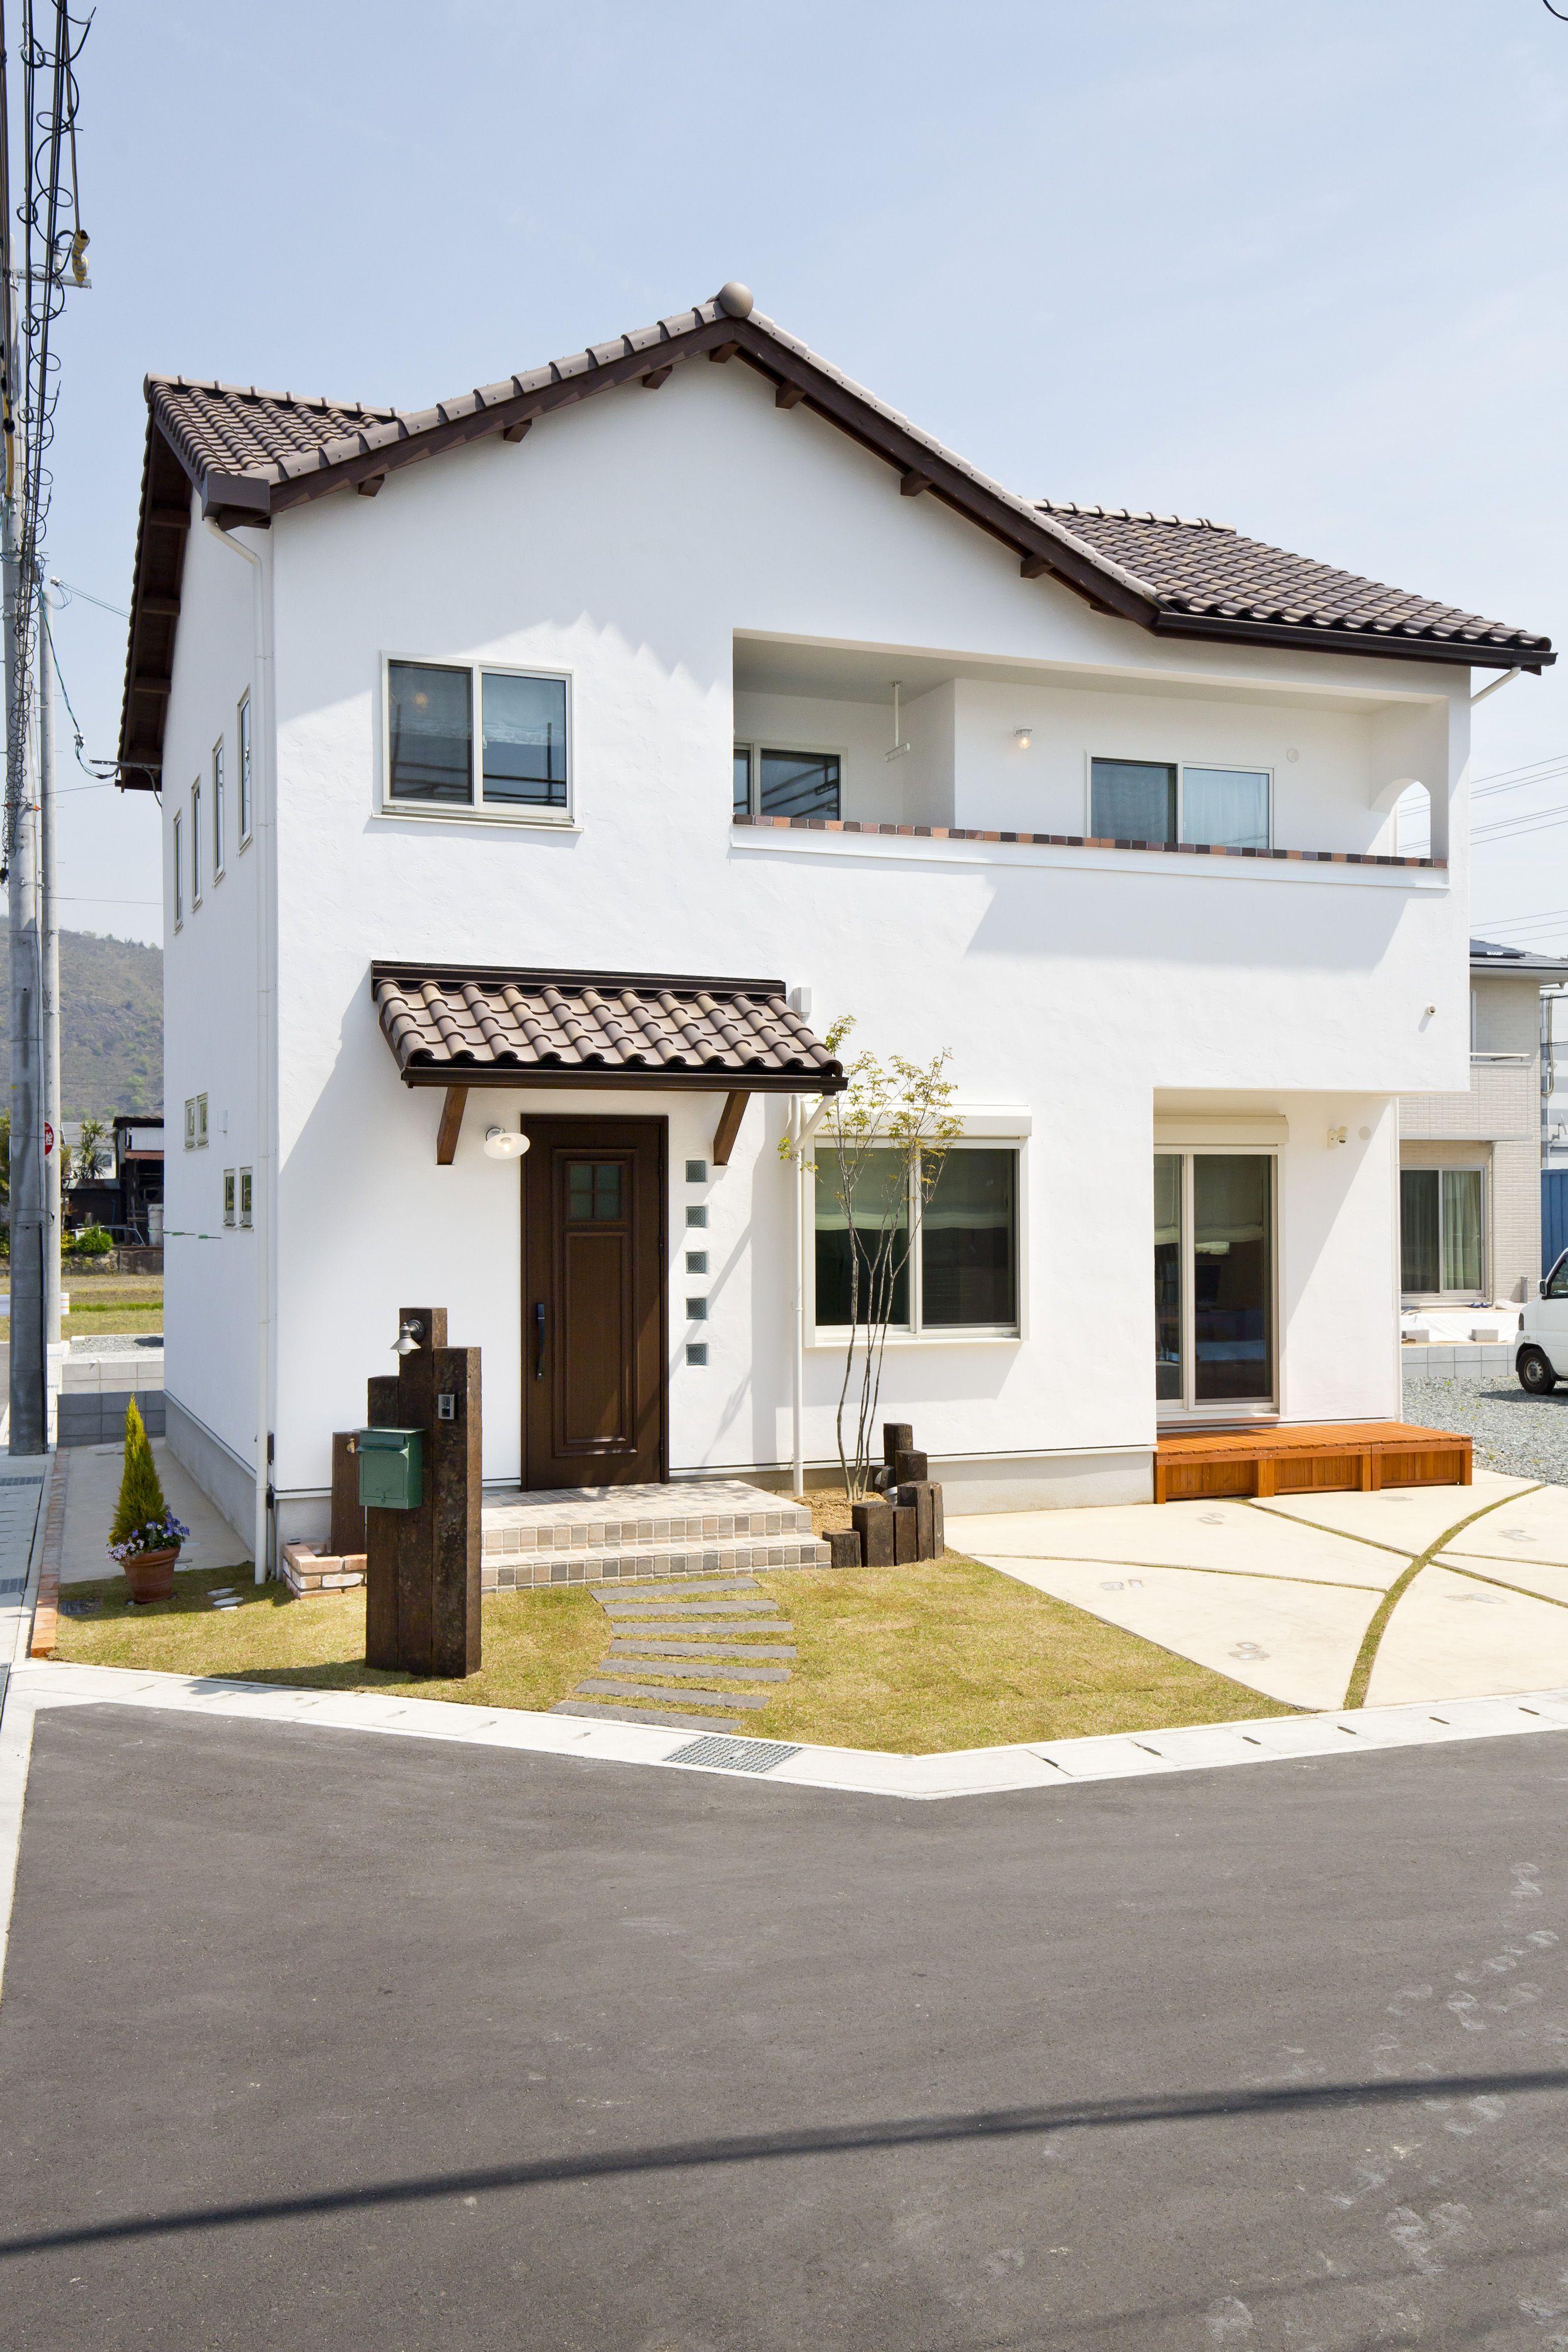 ケース102 和風の家の設計 玄関アプローチ デザイン 平屋外観